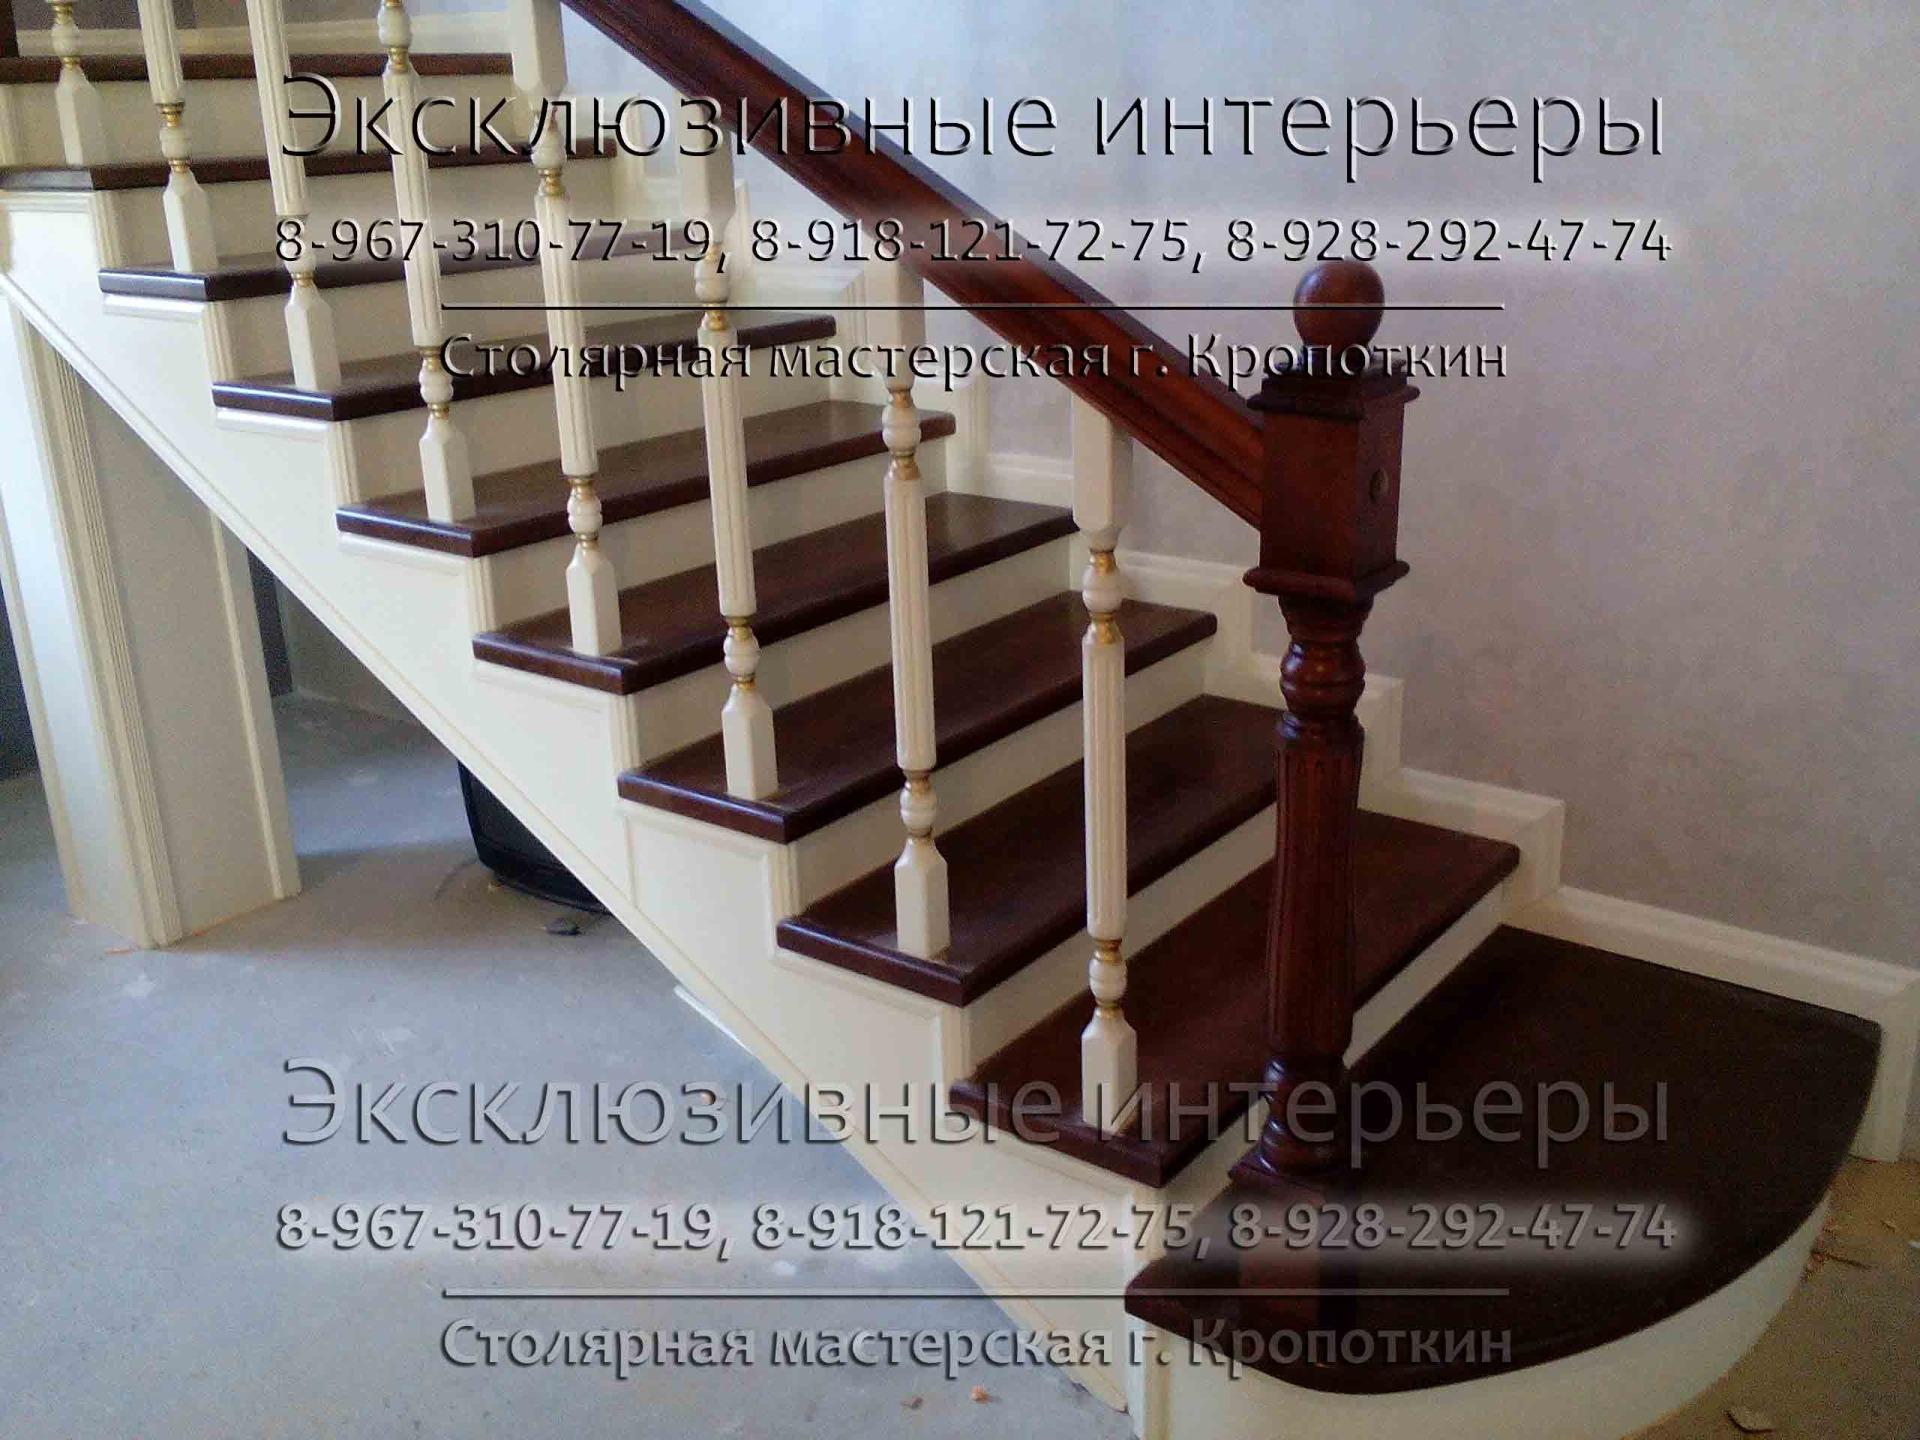 Столярный цех в Гулькевичи - лестницы, беседки, мебель из массива дерева